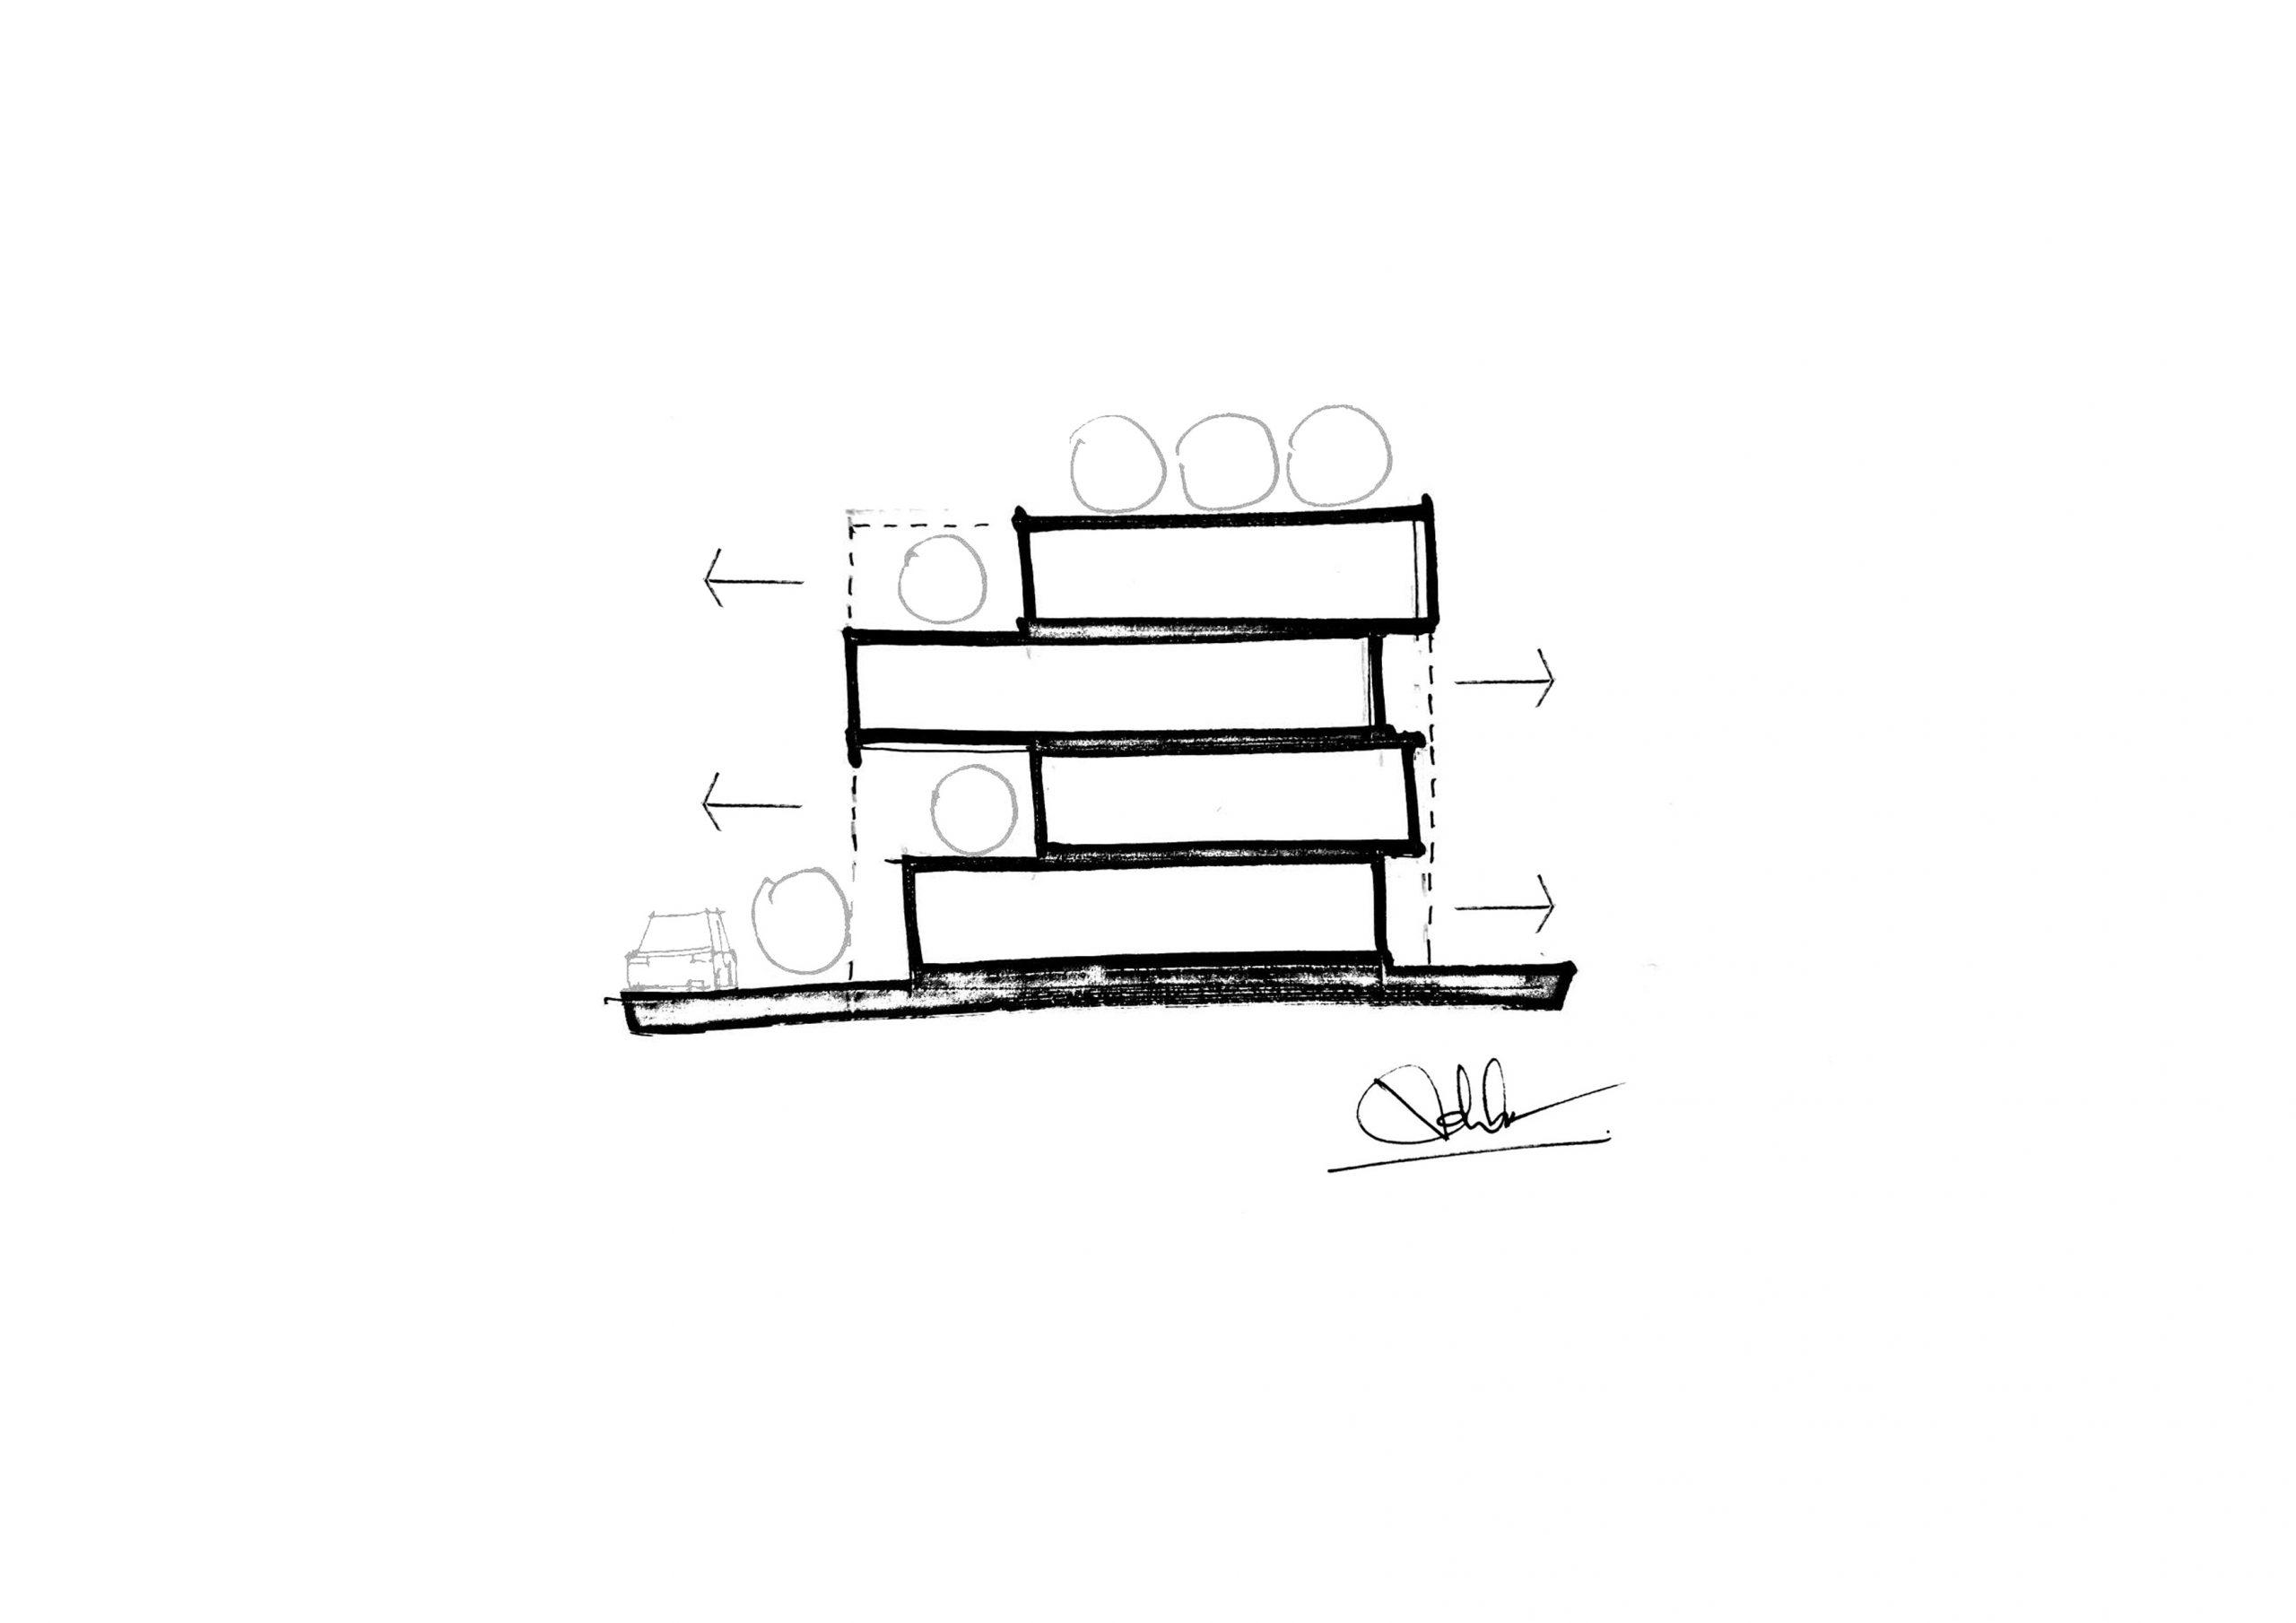 diagram 1 scaled - The Concrete House 01 / Ho Khue Architects: Ngôi nhà 4 tầng với diện tích lô 5m x 16m